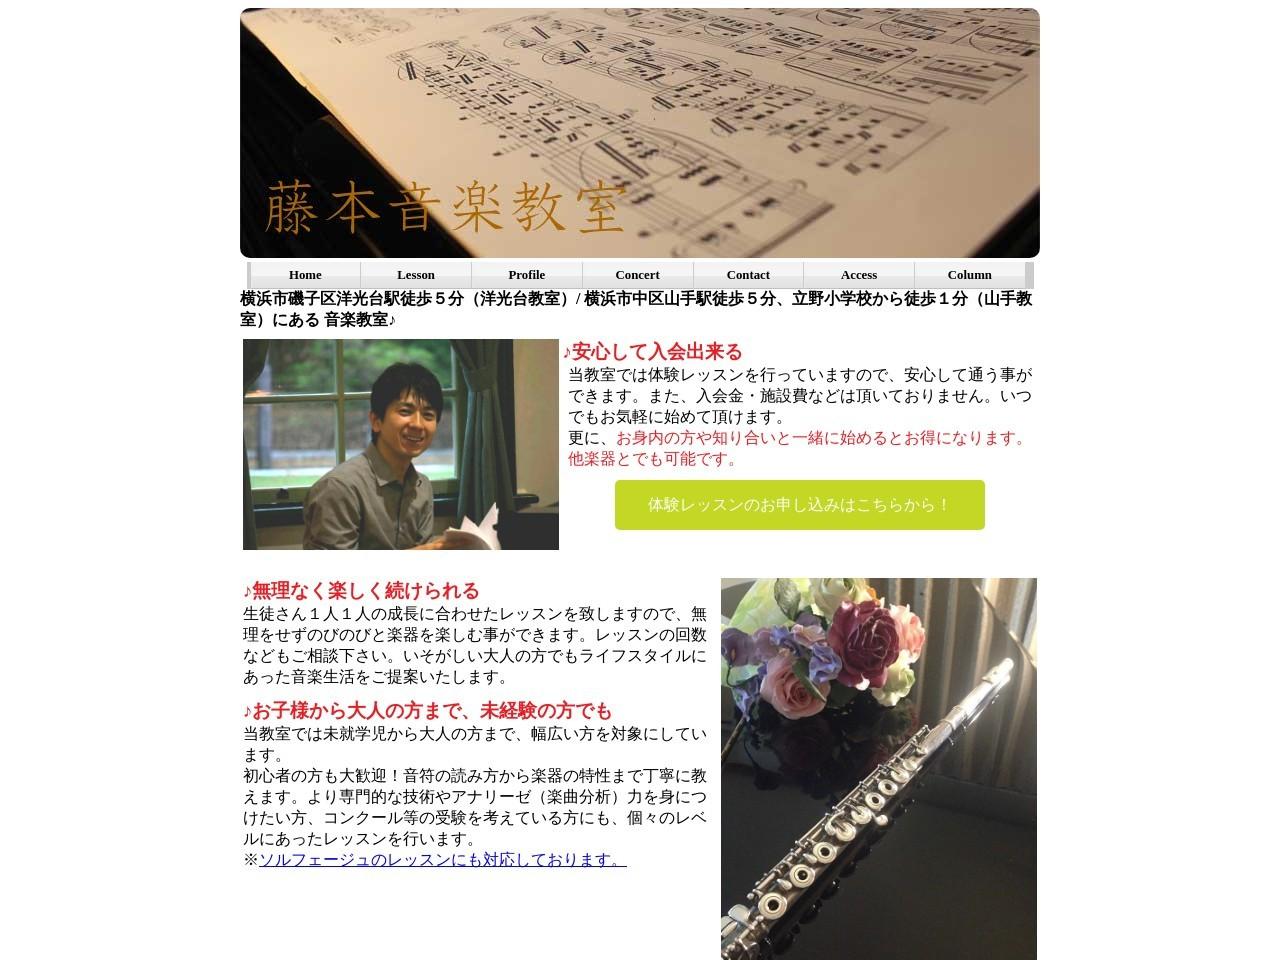 藤本音楽教室のサムネイル